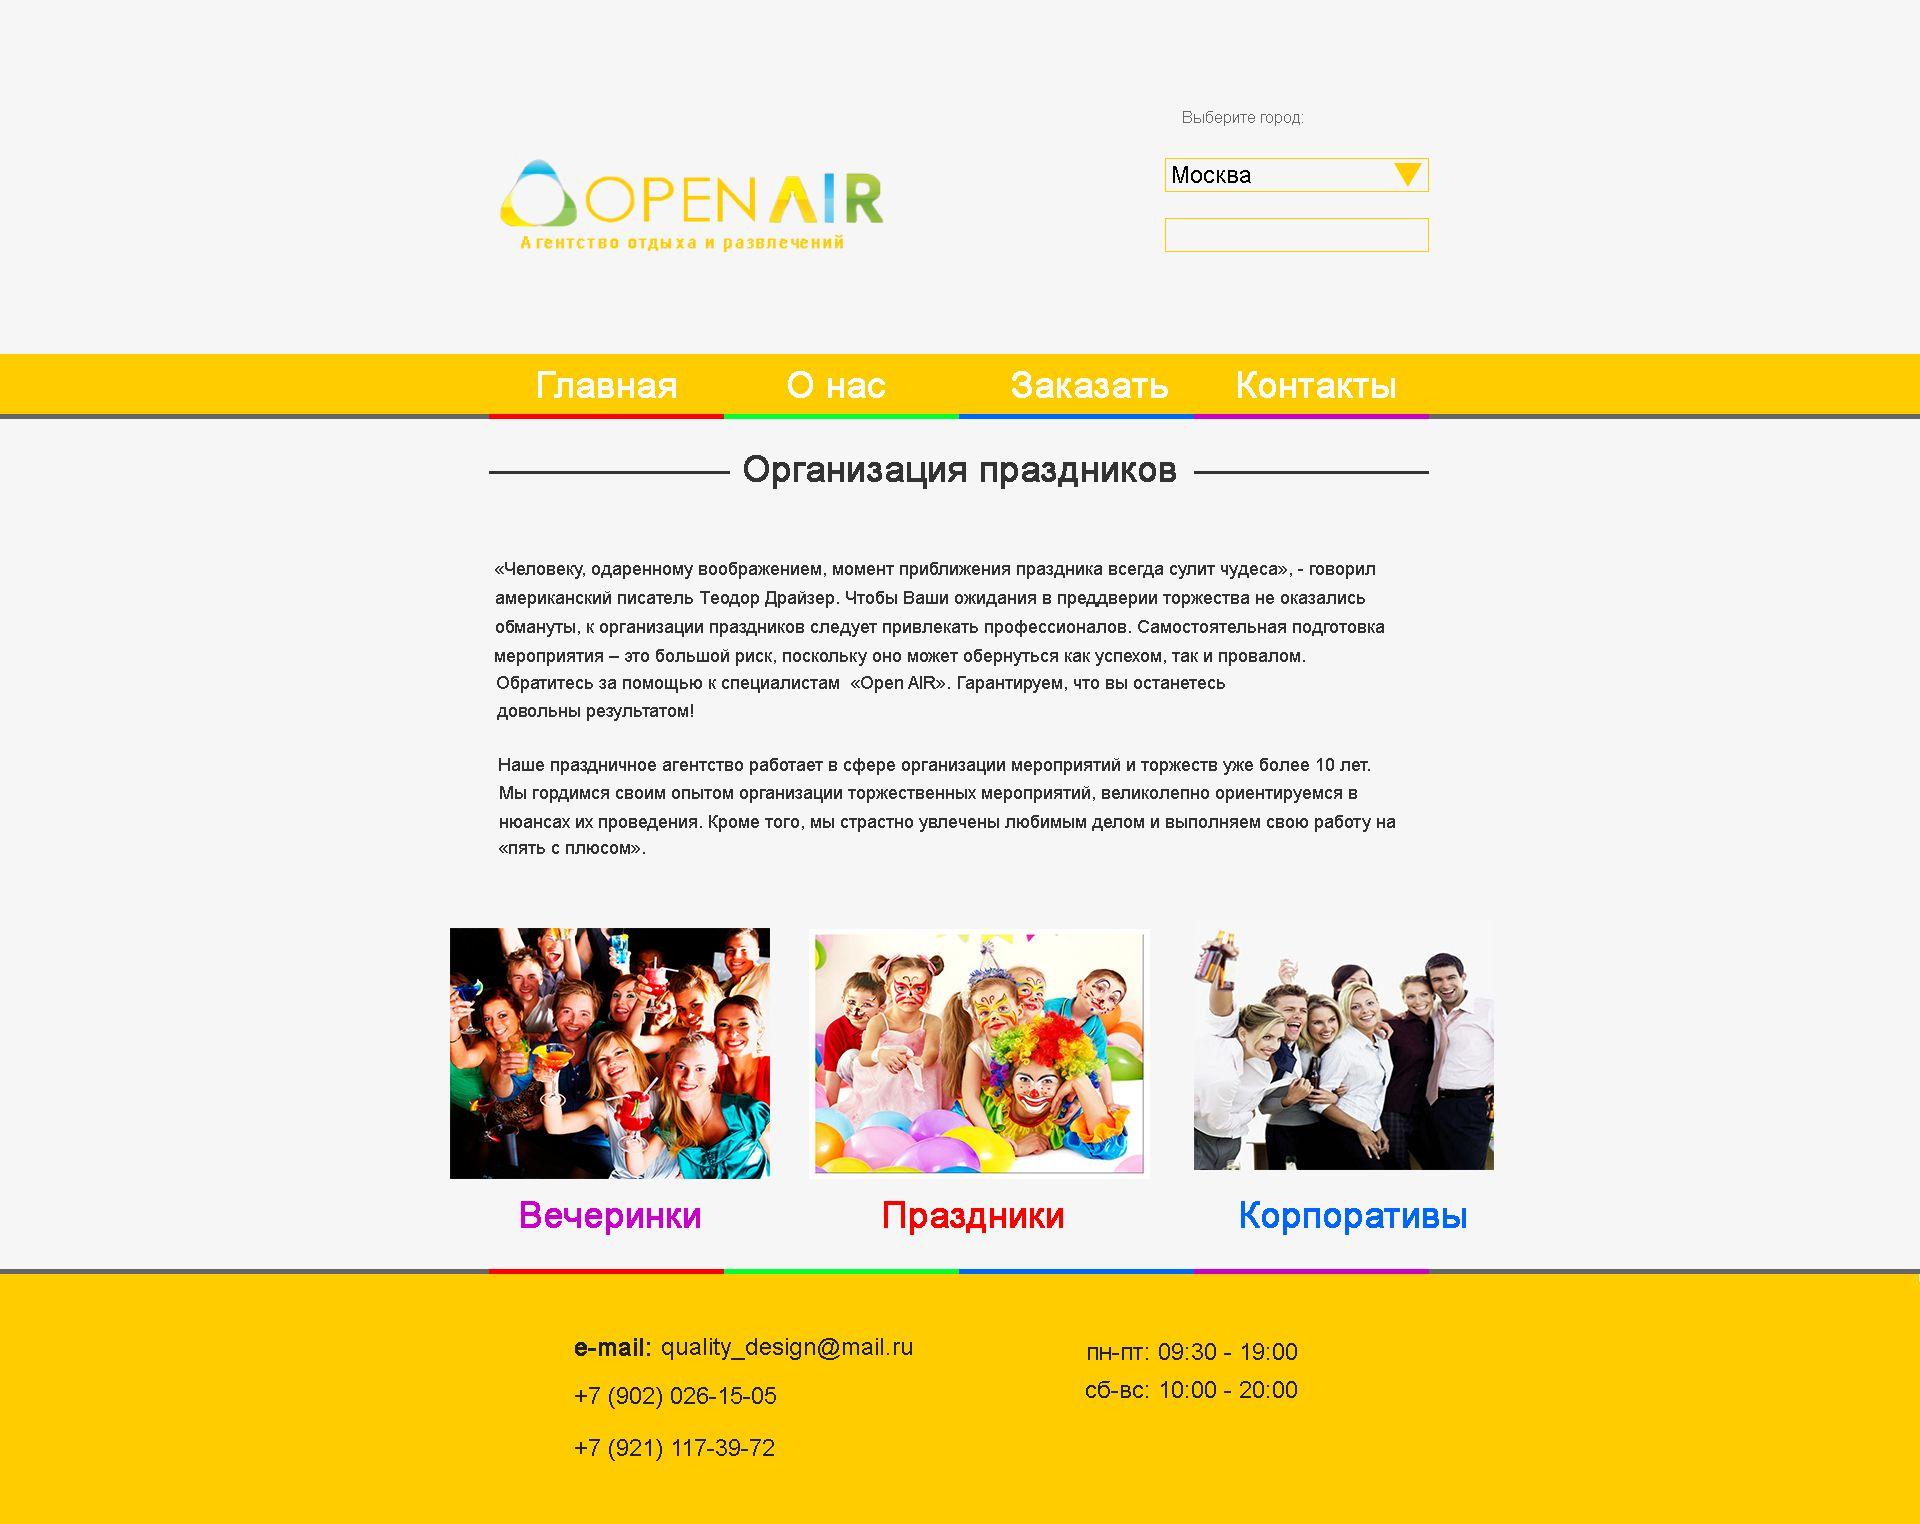 Сайт - организация праздников - дизайнер RayGamesThe